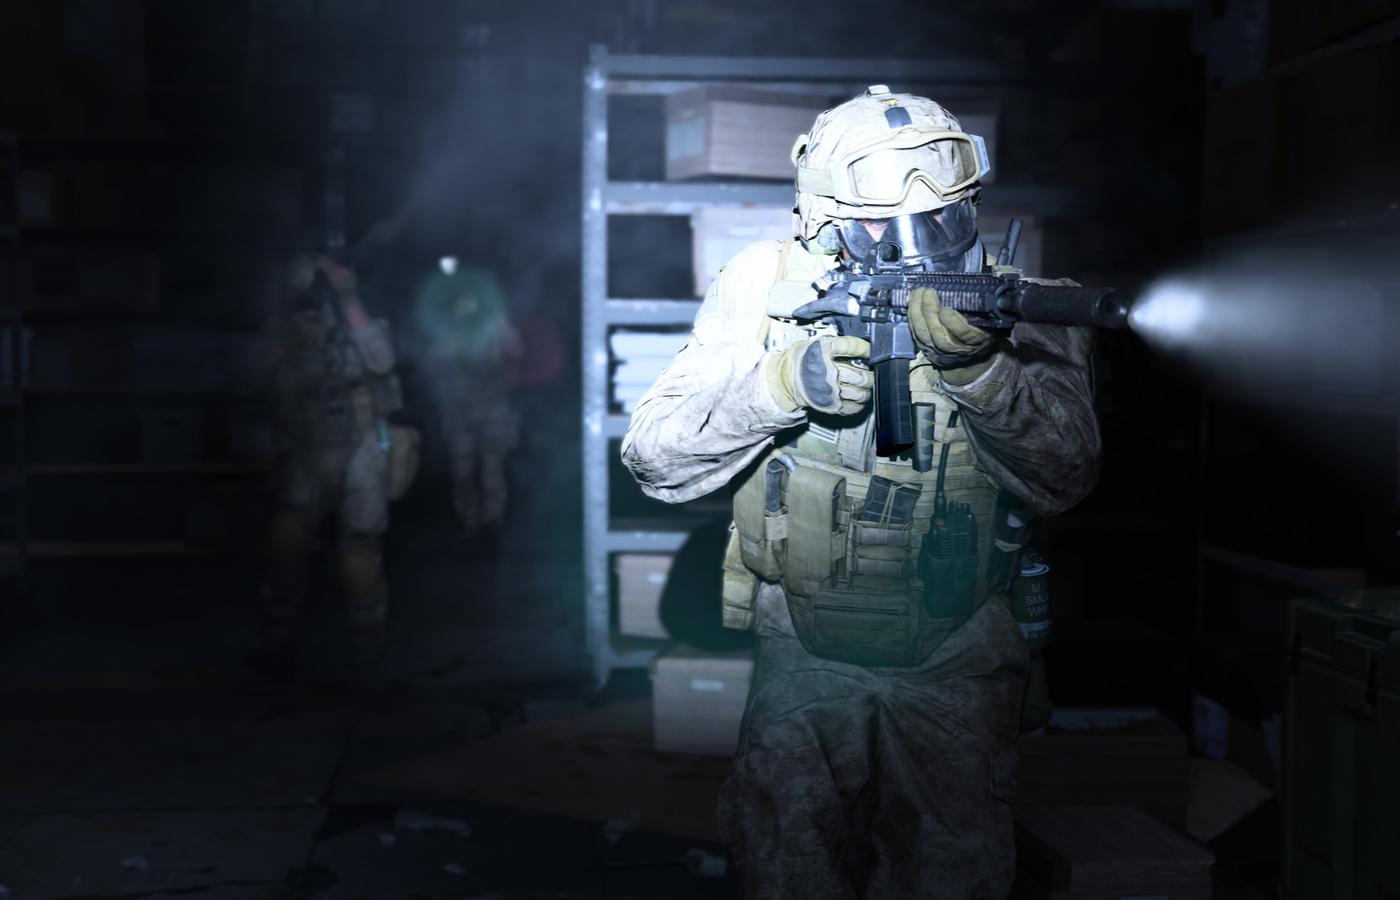 2019-call-of-duty-modern-warfare-4k-gt.jpg